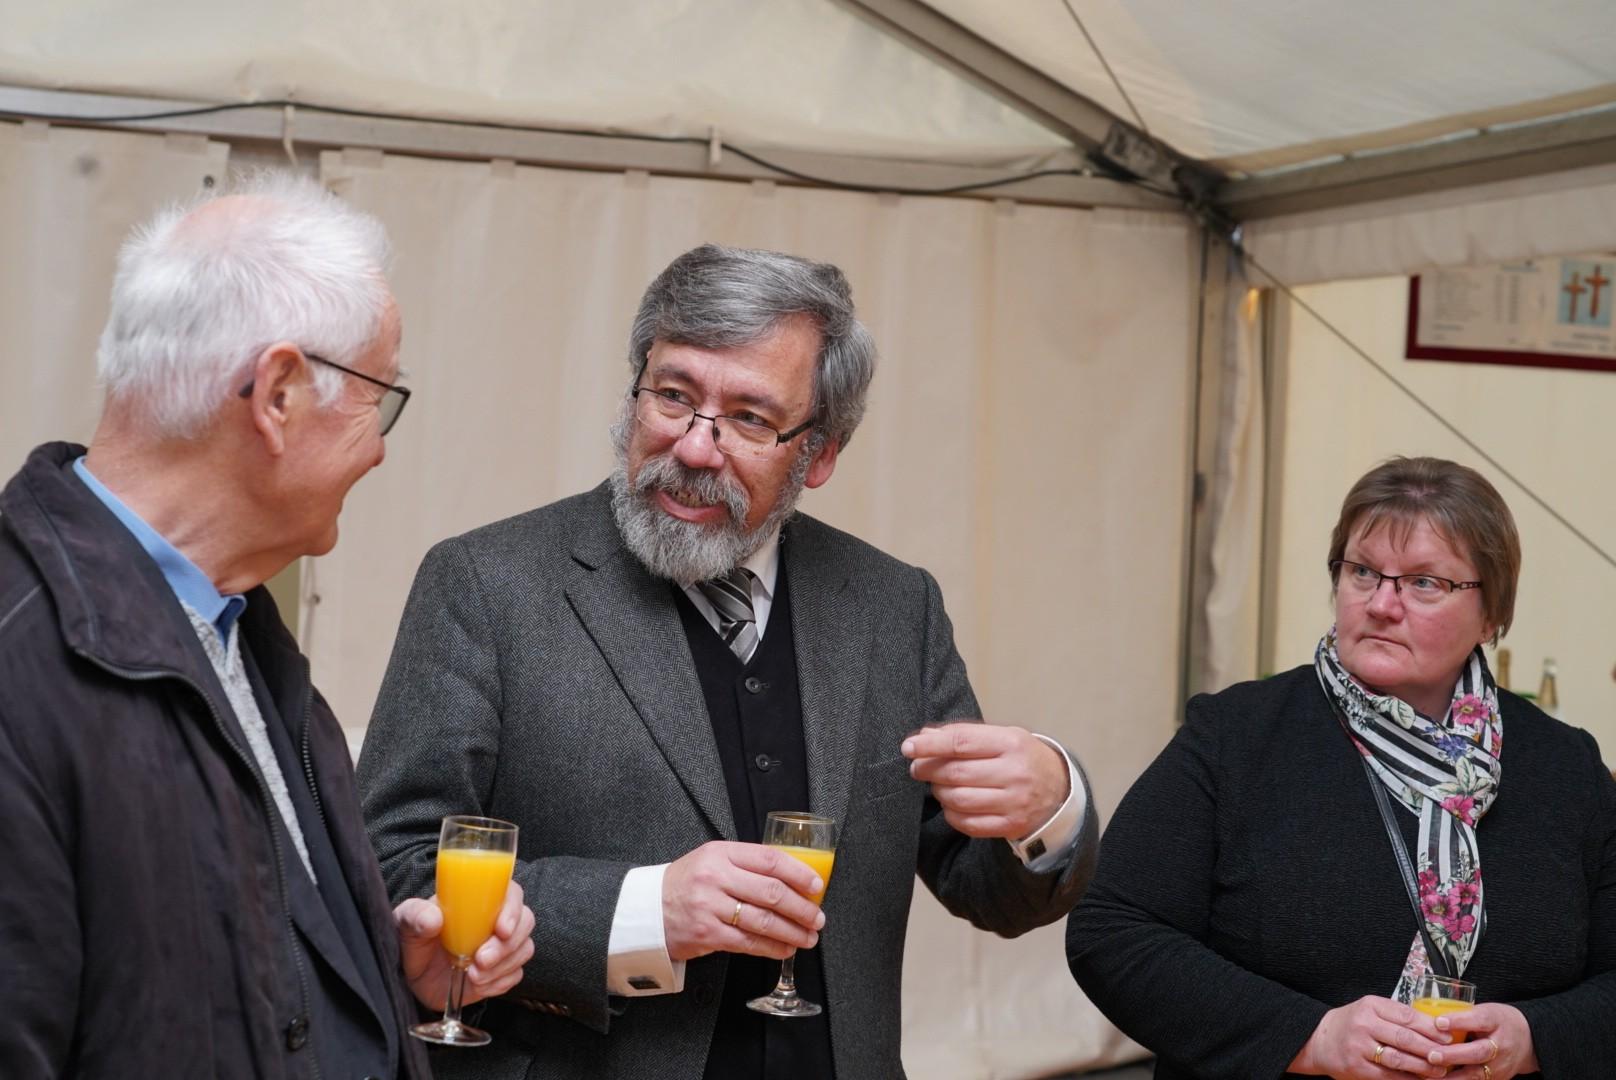 Pastor em. Franz Forthaus und der ev. Pfarrer Werner Vedder und Frau